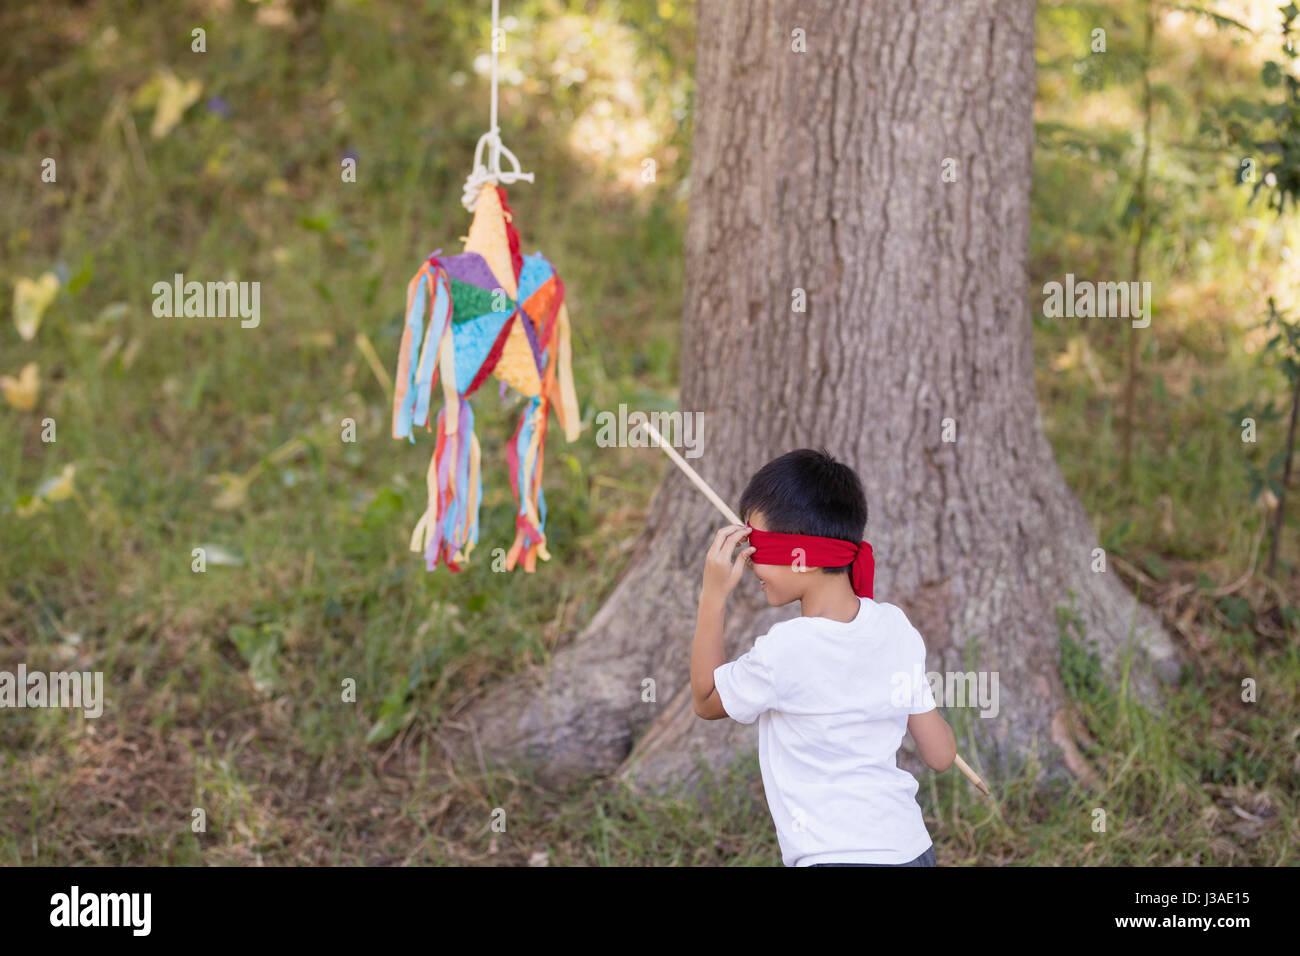 Gli occhi bendati boy colpendo pinata mediante una struttura ad albero nella foresta Immagini Stock